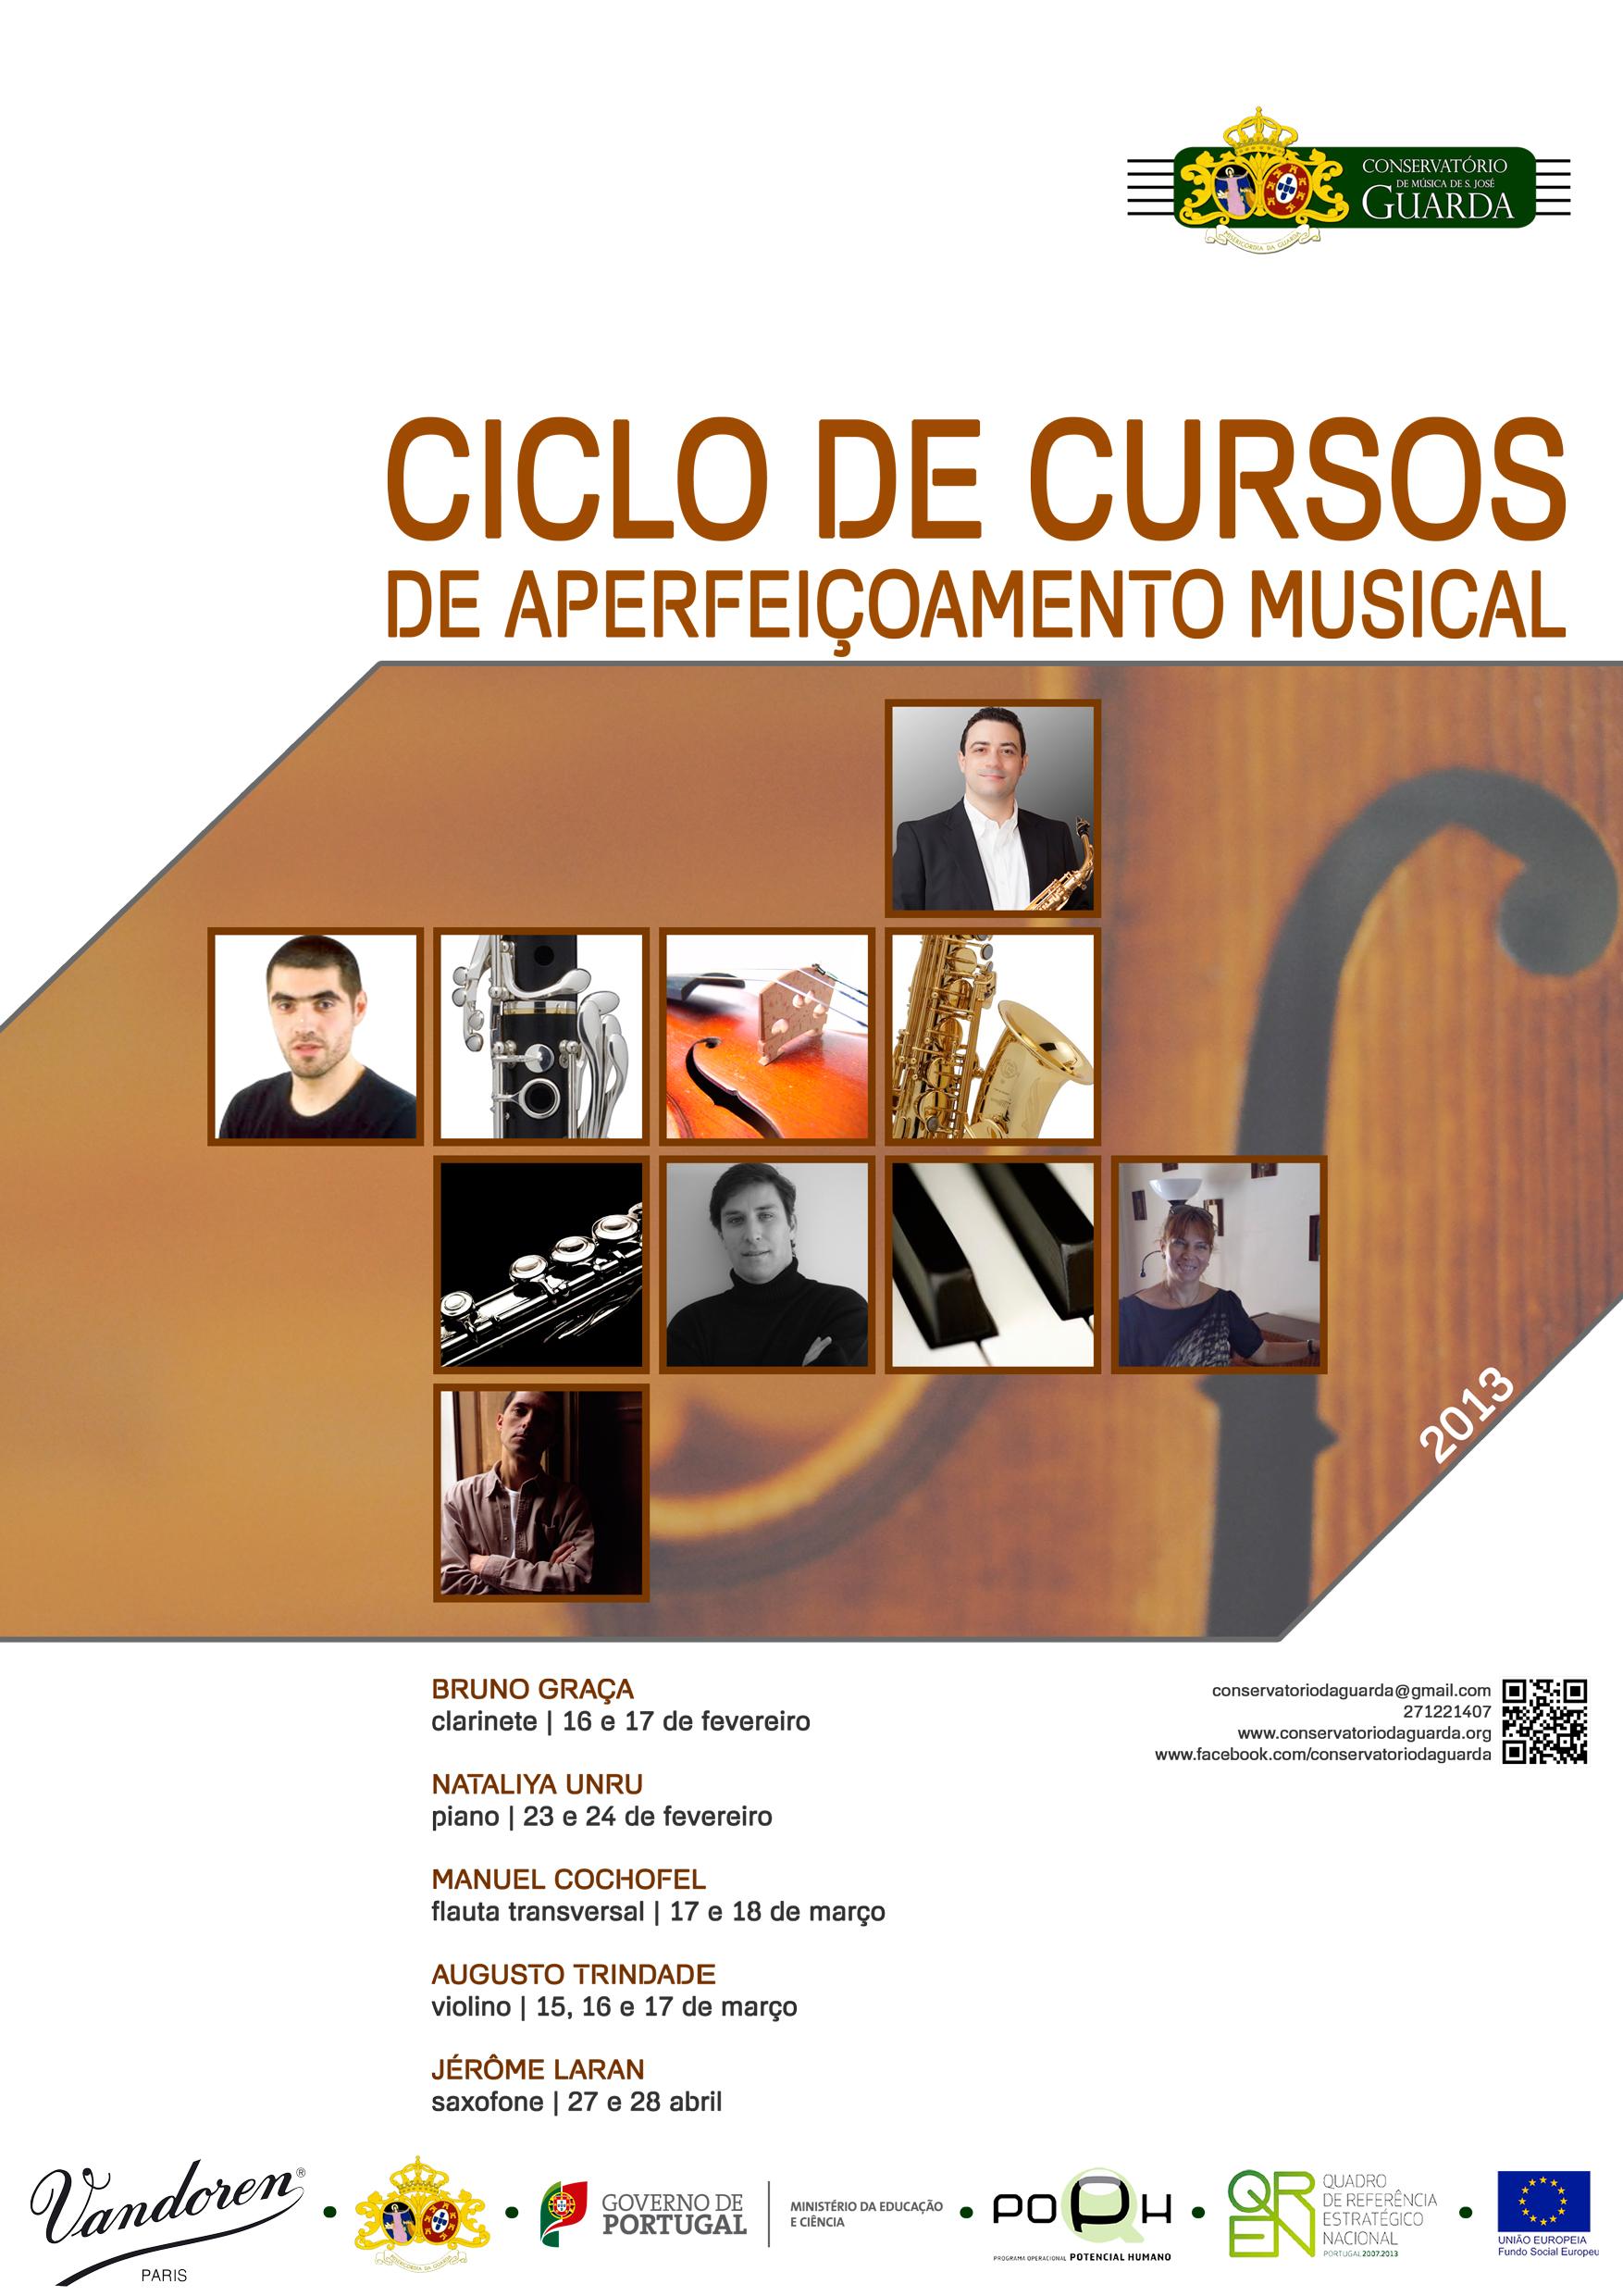 Ciclo de Cursos de Aperfeiçoamento Musical 2013